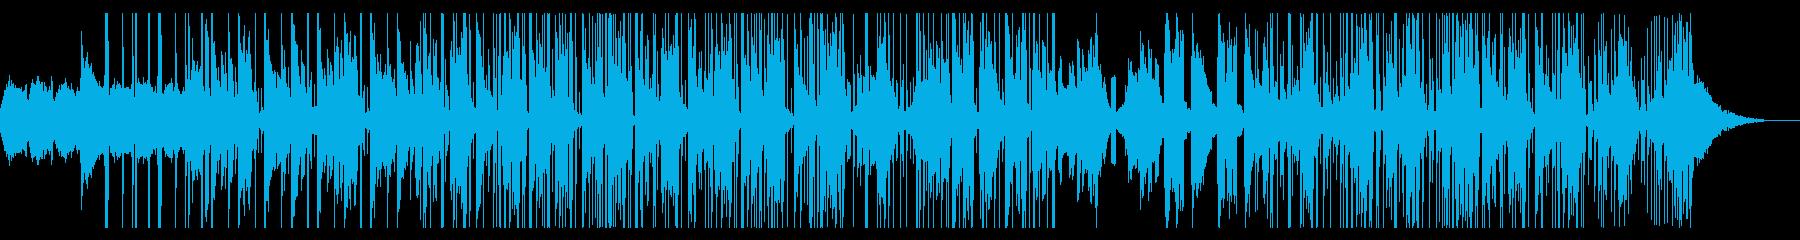 ダウナーな夢の中の様なChillhopの再生済みの波形